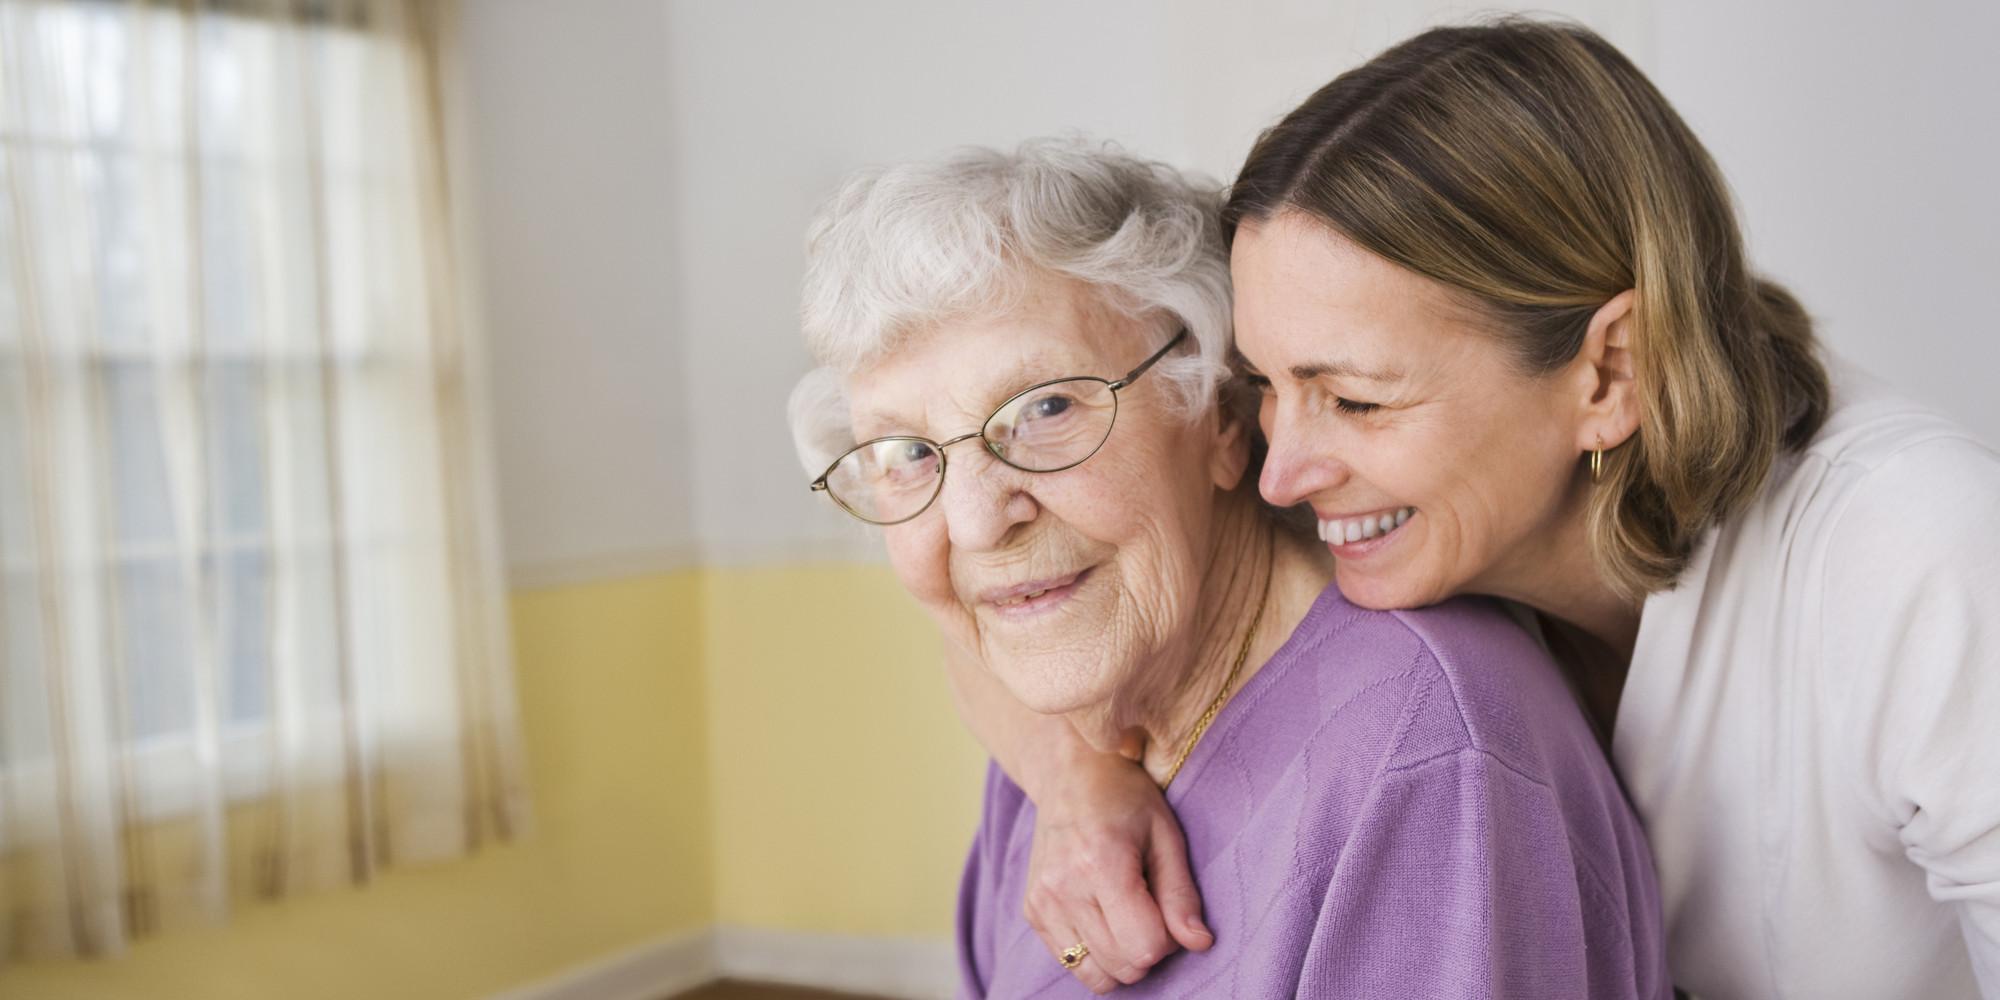 ederly parents should live in nursing homes or not essay